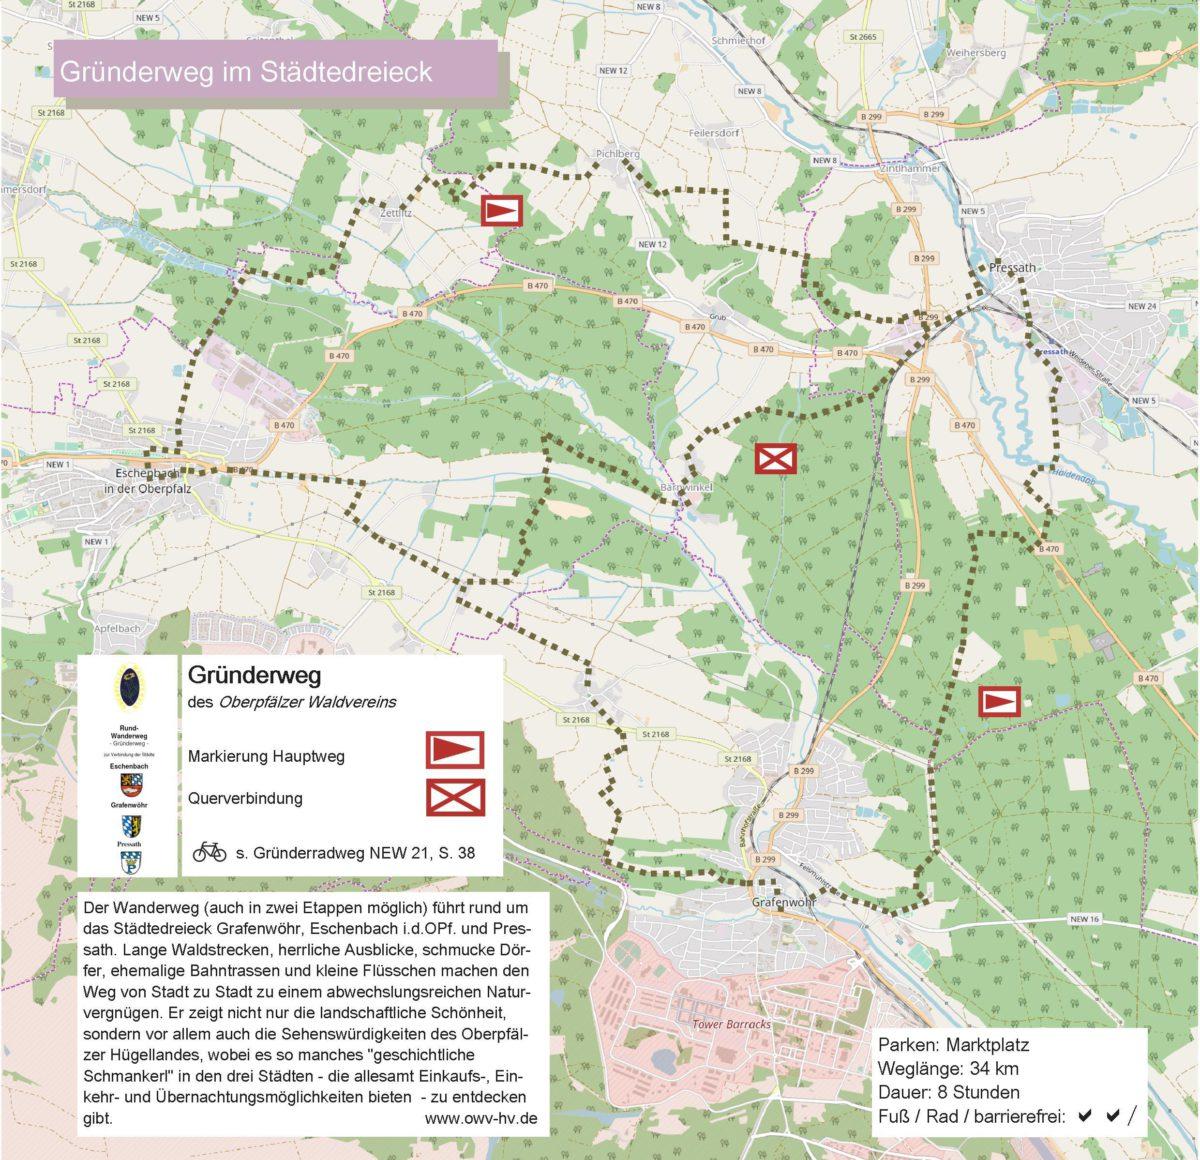 Karte mit Wegstrecke Gruenderweg